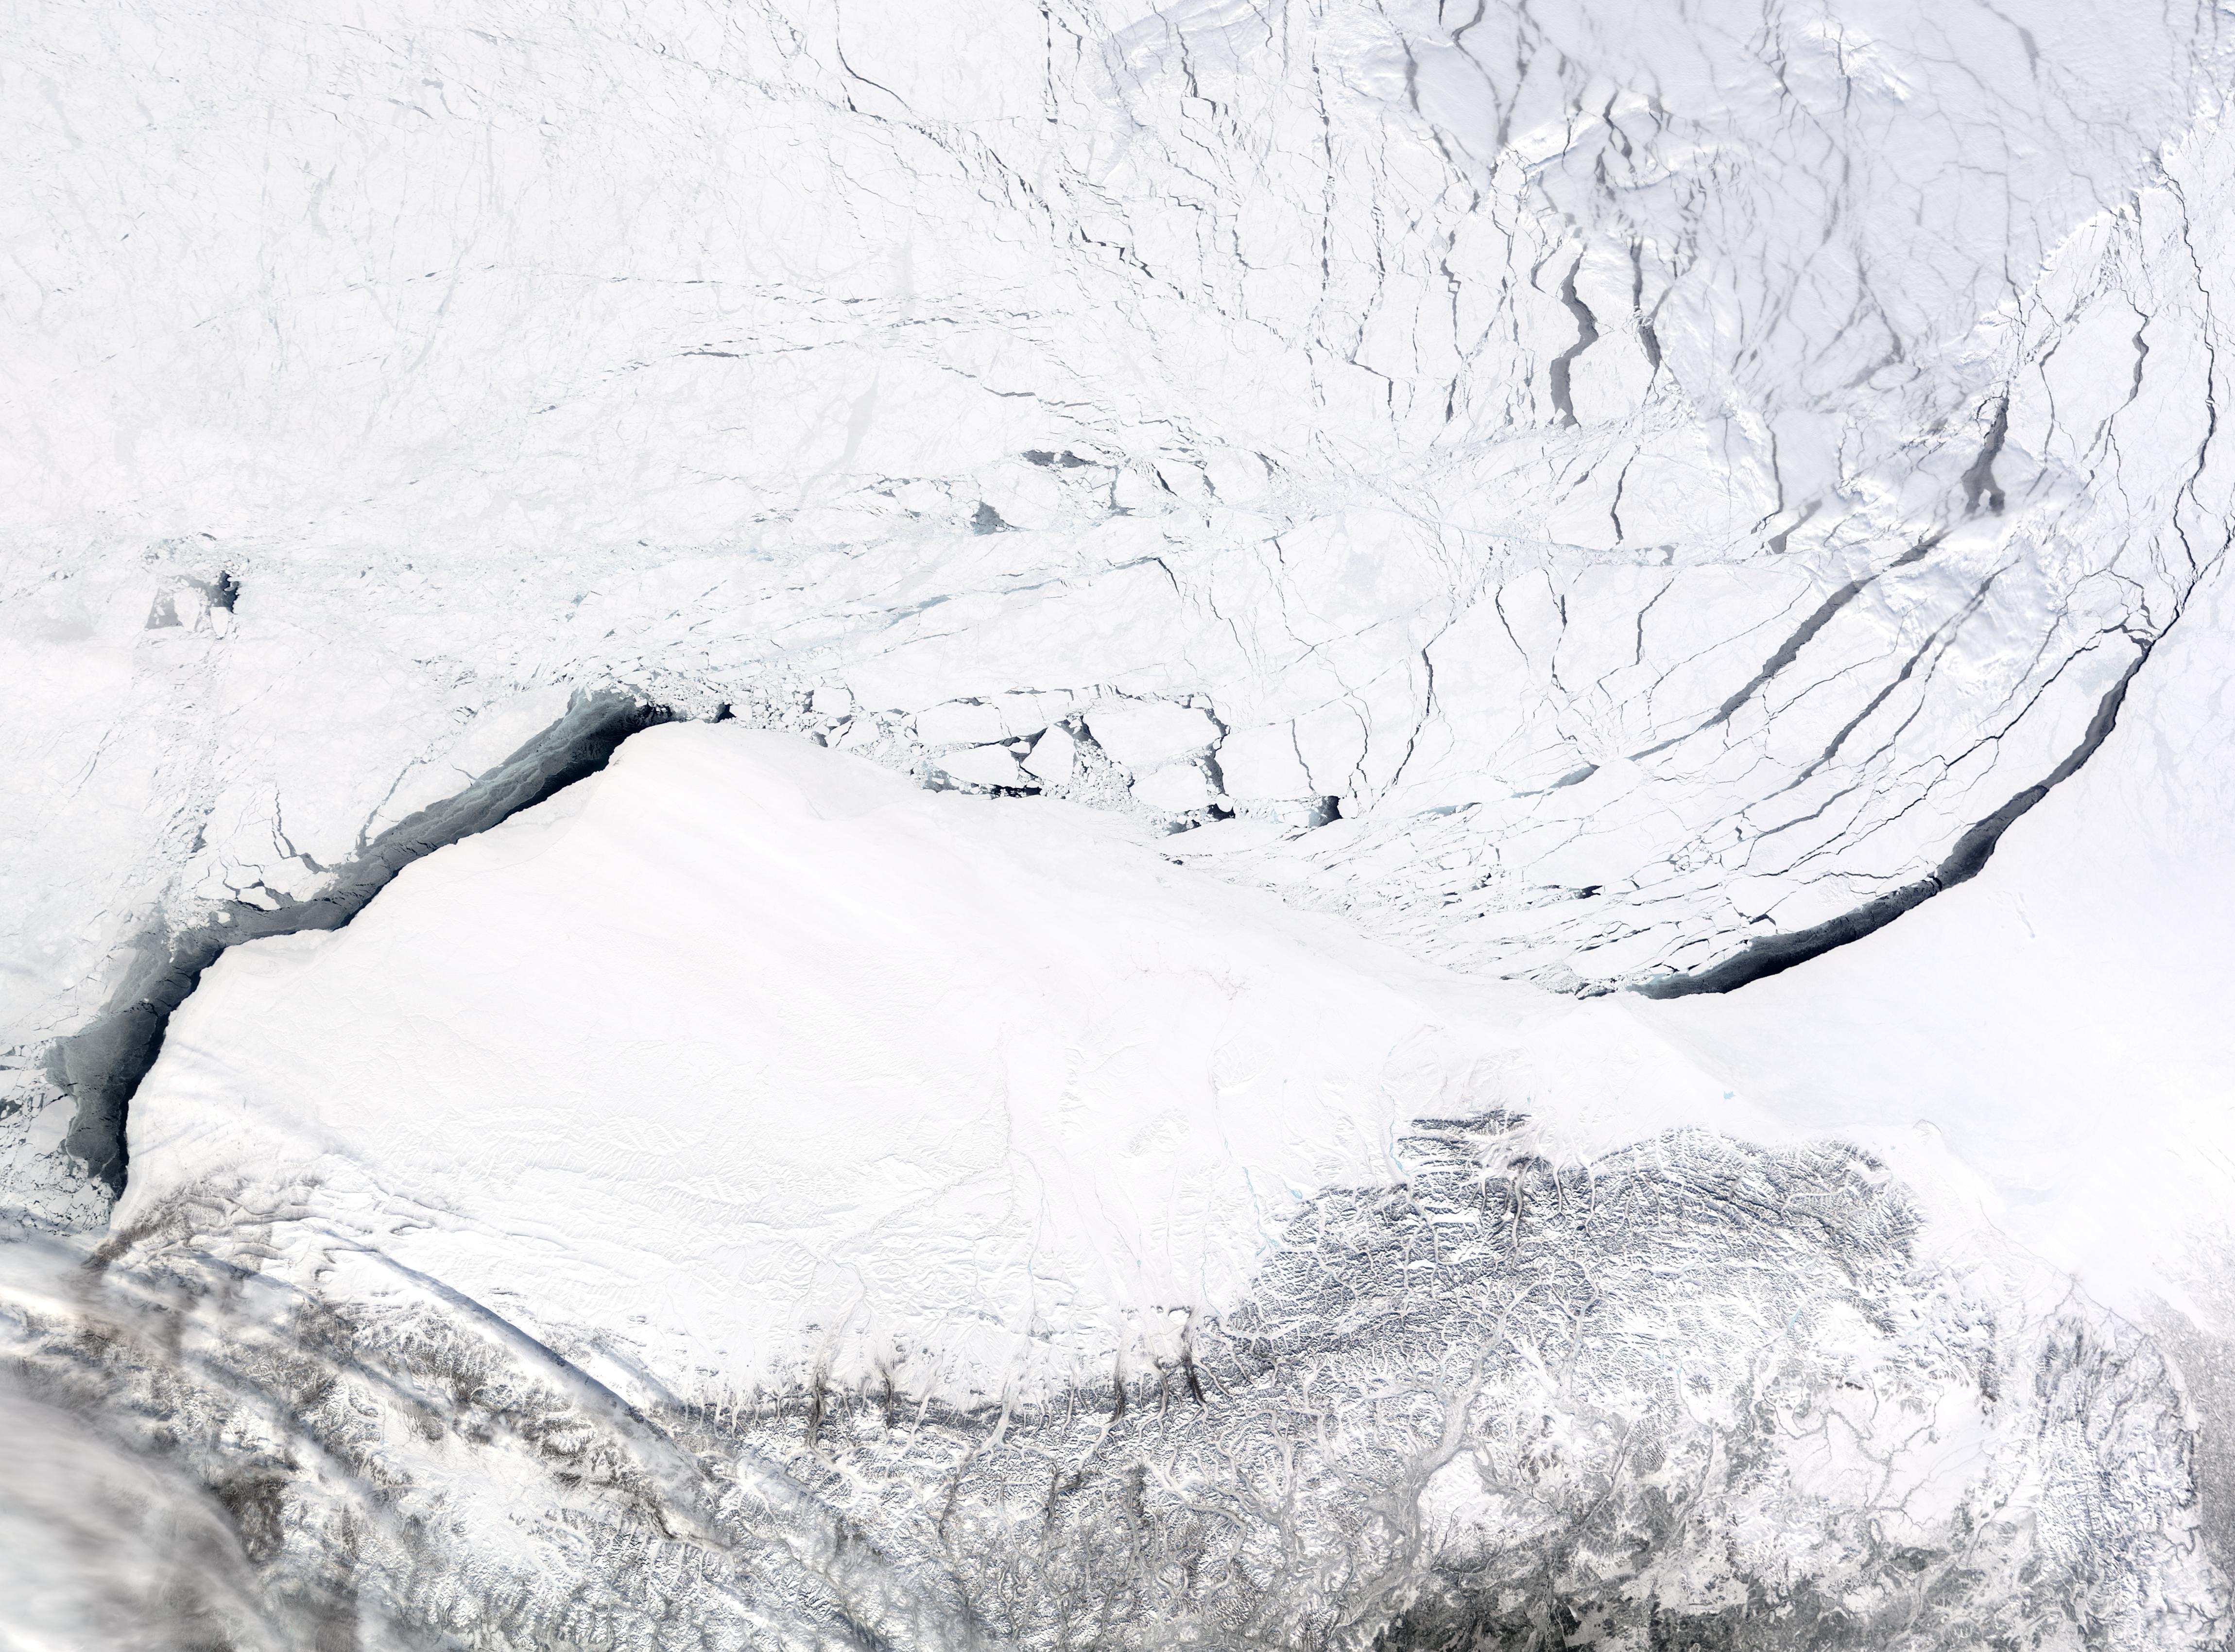 Hielos marinos rompiéndose en el mar de Beaufort cerca de Alaska